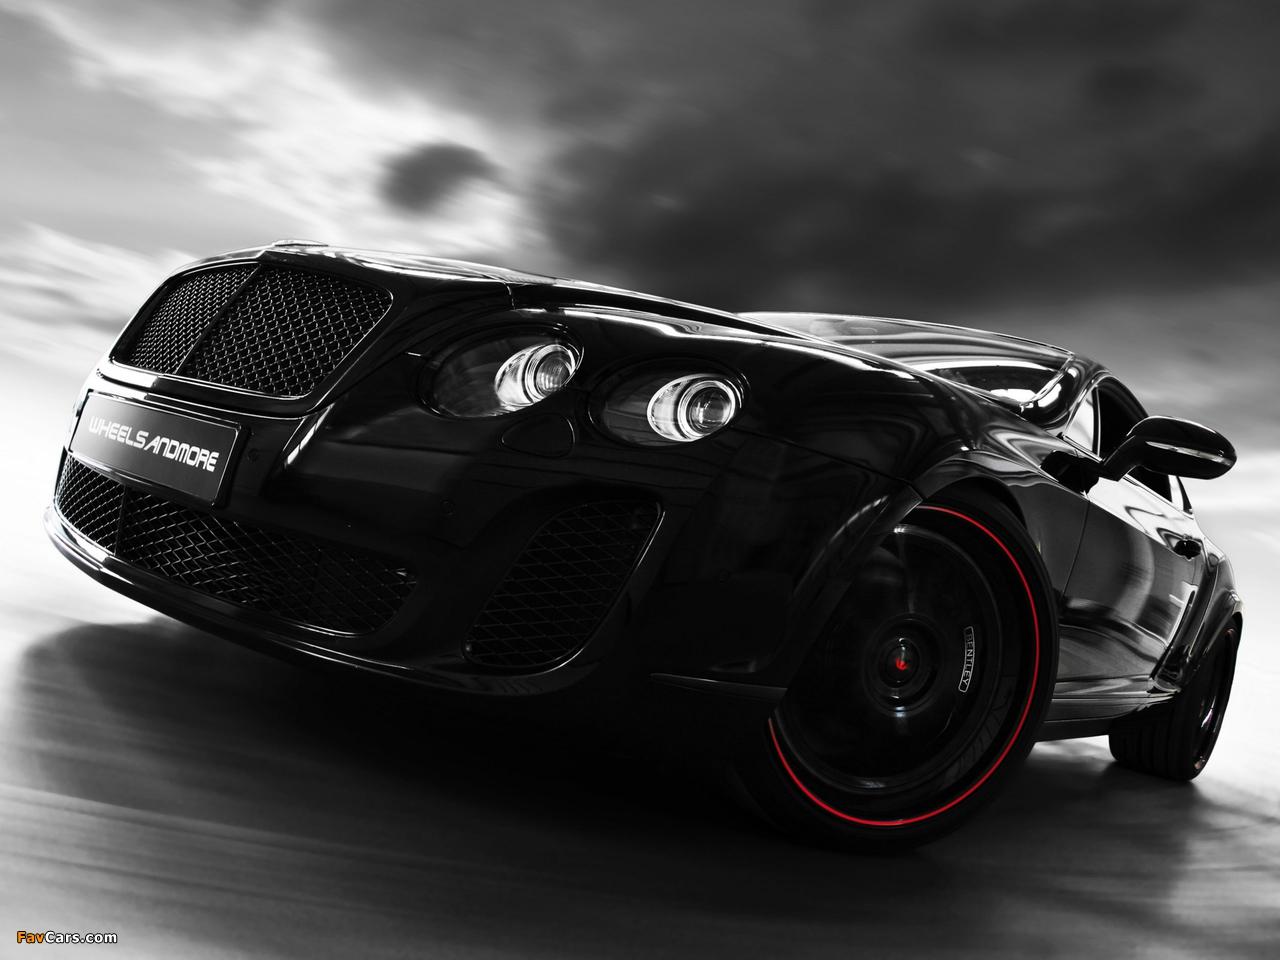 Wheelsandmore Bentley Ultrasports 702 2010 photos (1280 x 960)